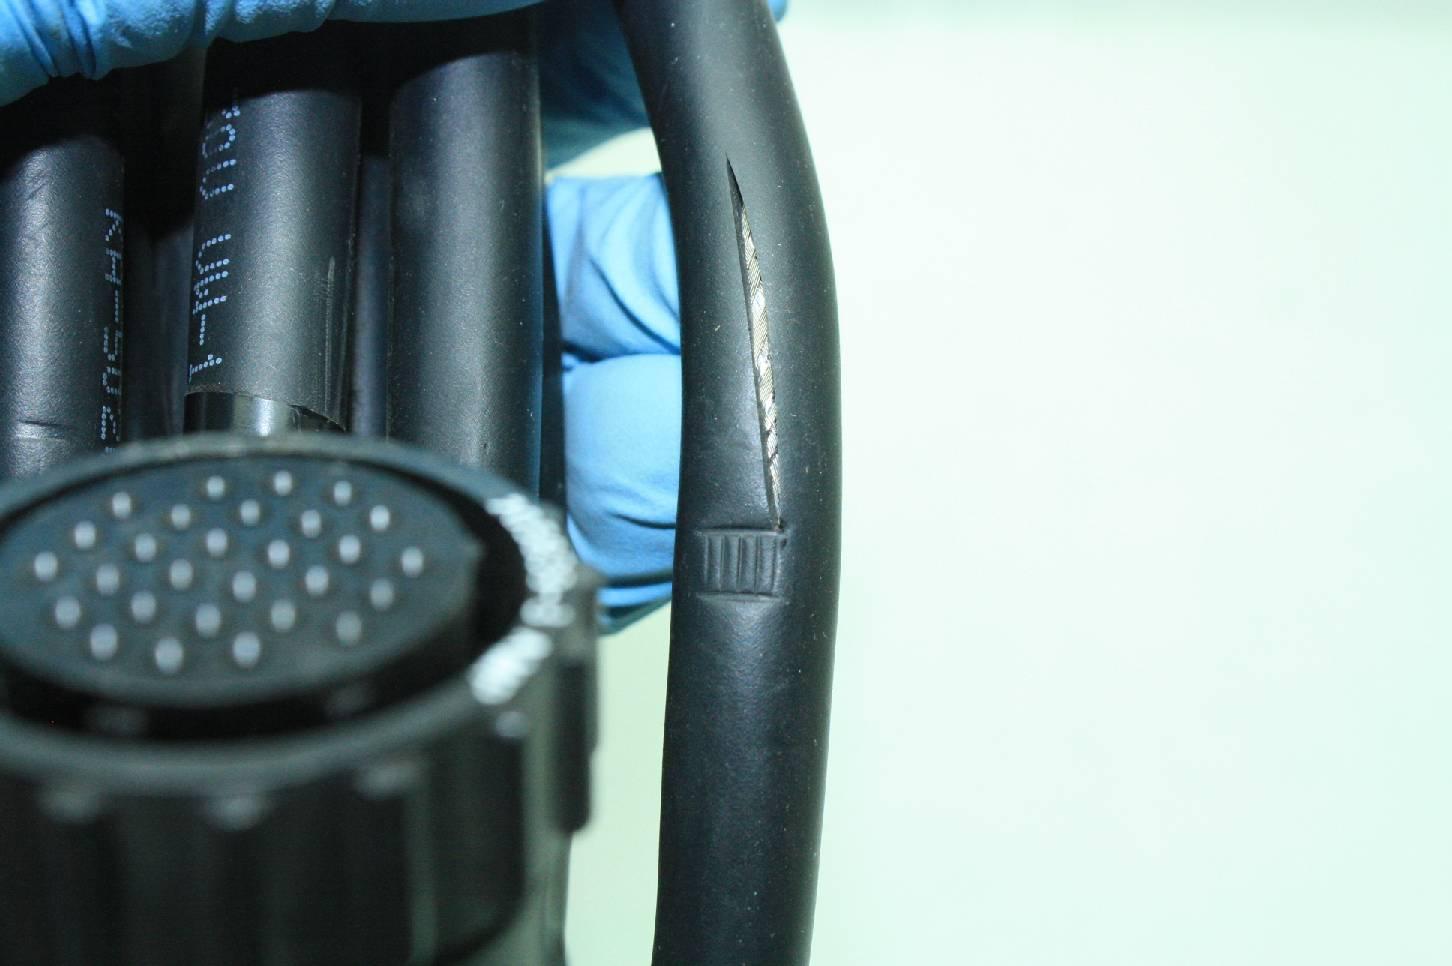 Allen bradley 2090 uxnfby s09 servo feedback cable 9 meter for Allen bradley servo motor cables